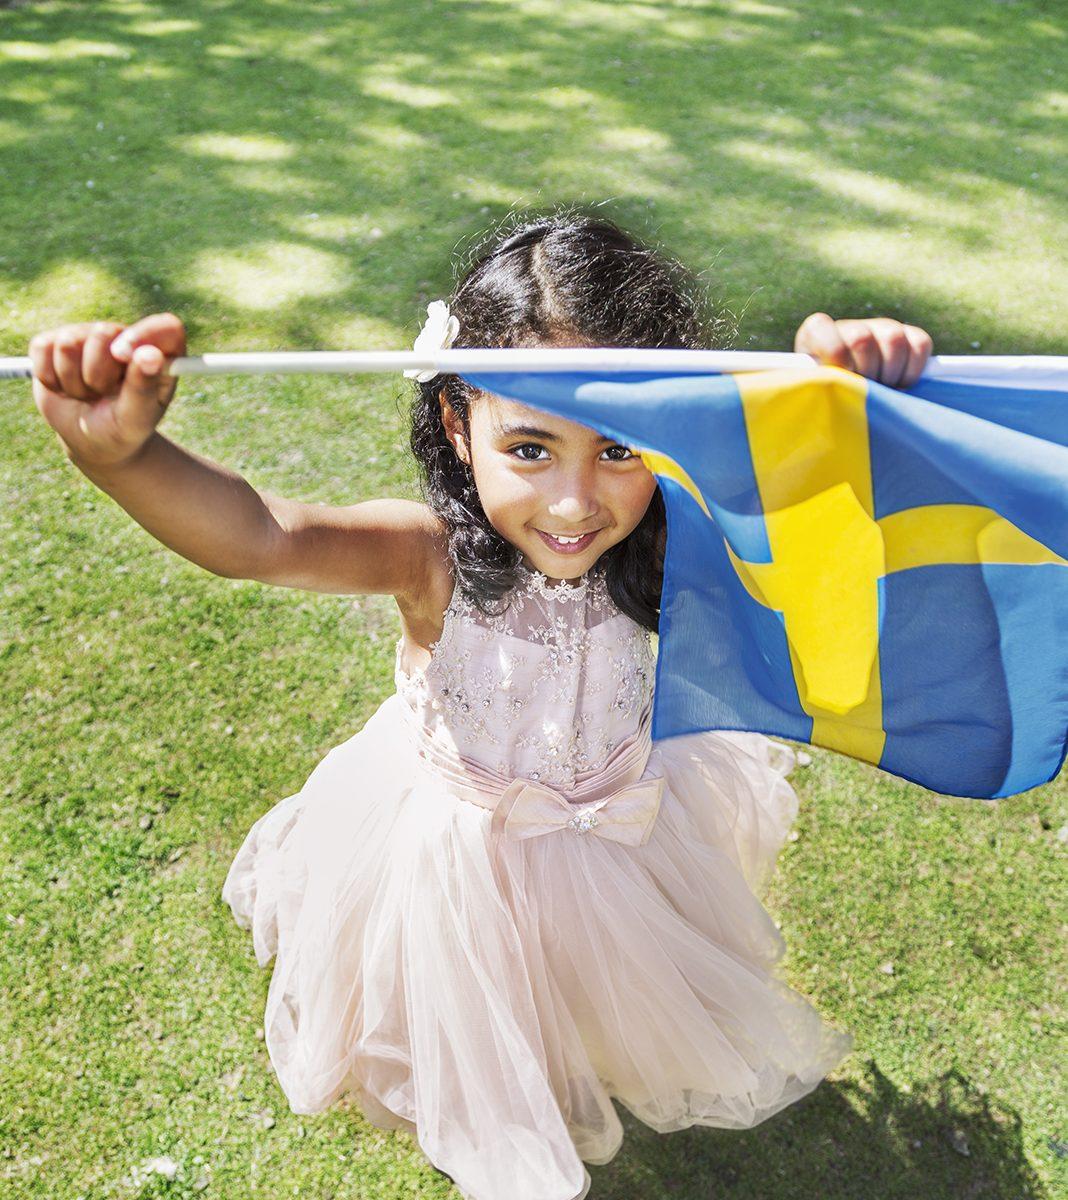 Sveriges nationaldag – en tradition skapad av Skansen